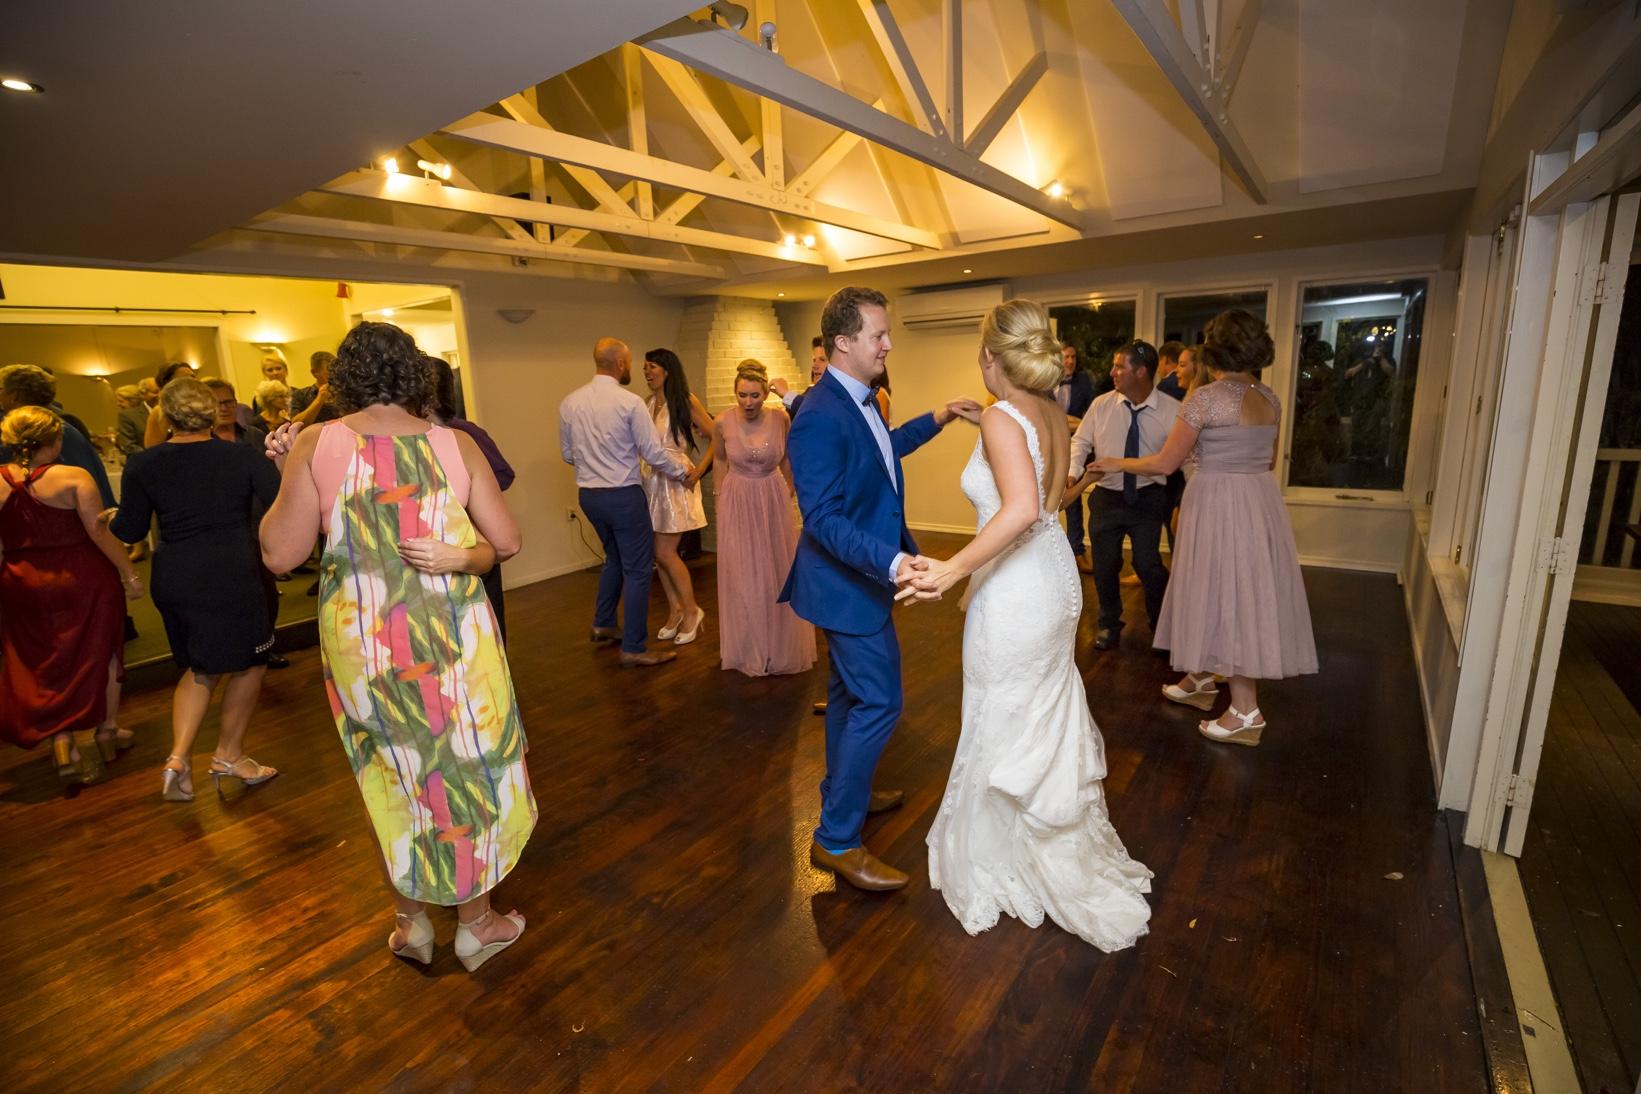 Auckland Kiwi Bride & Groom Dancing